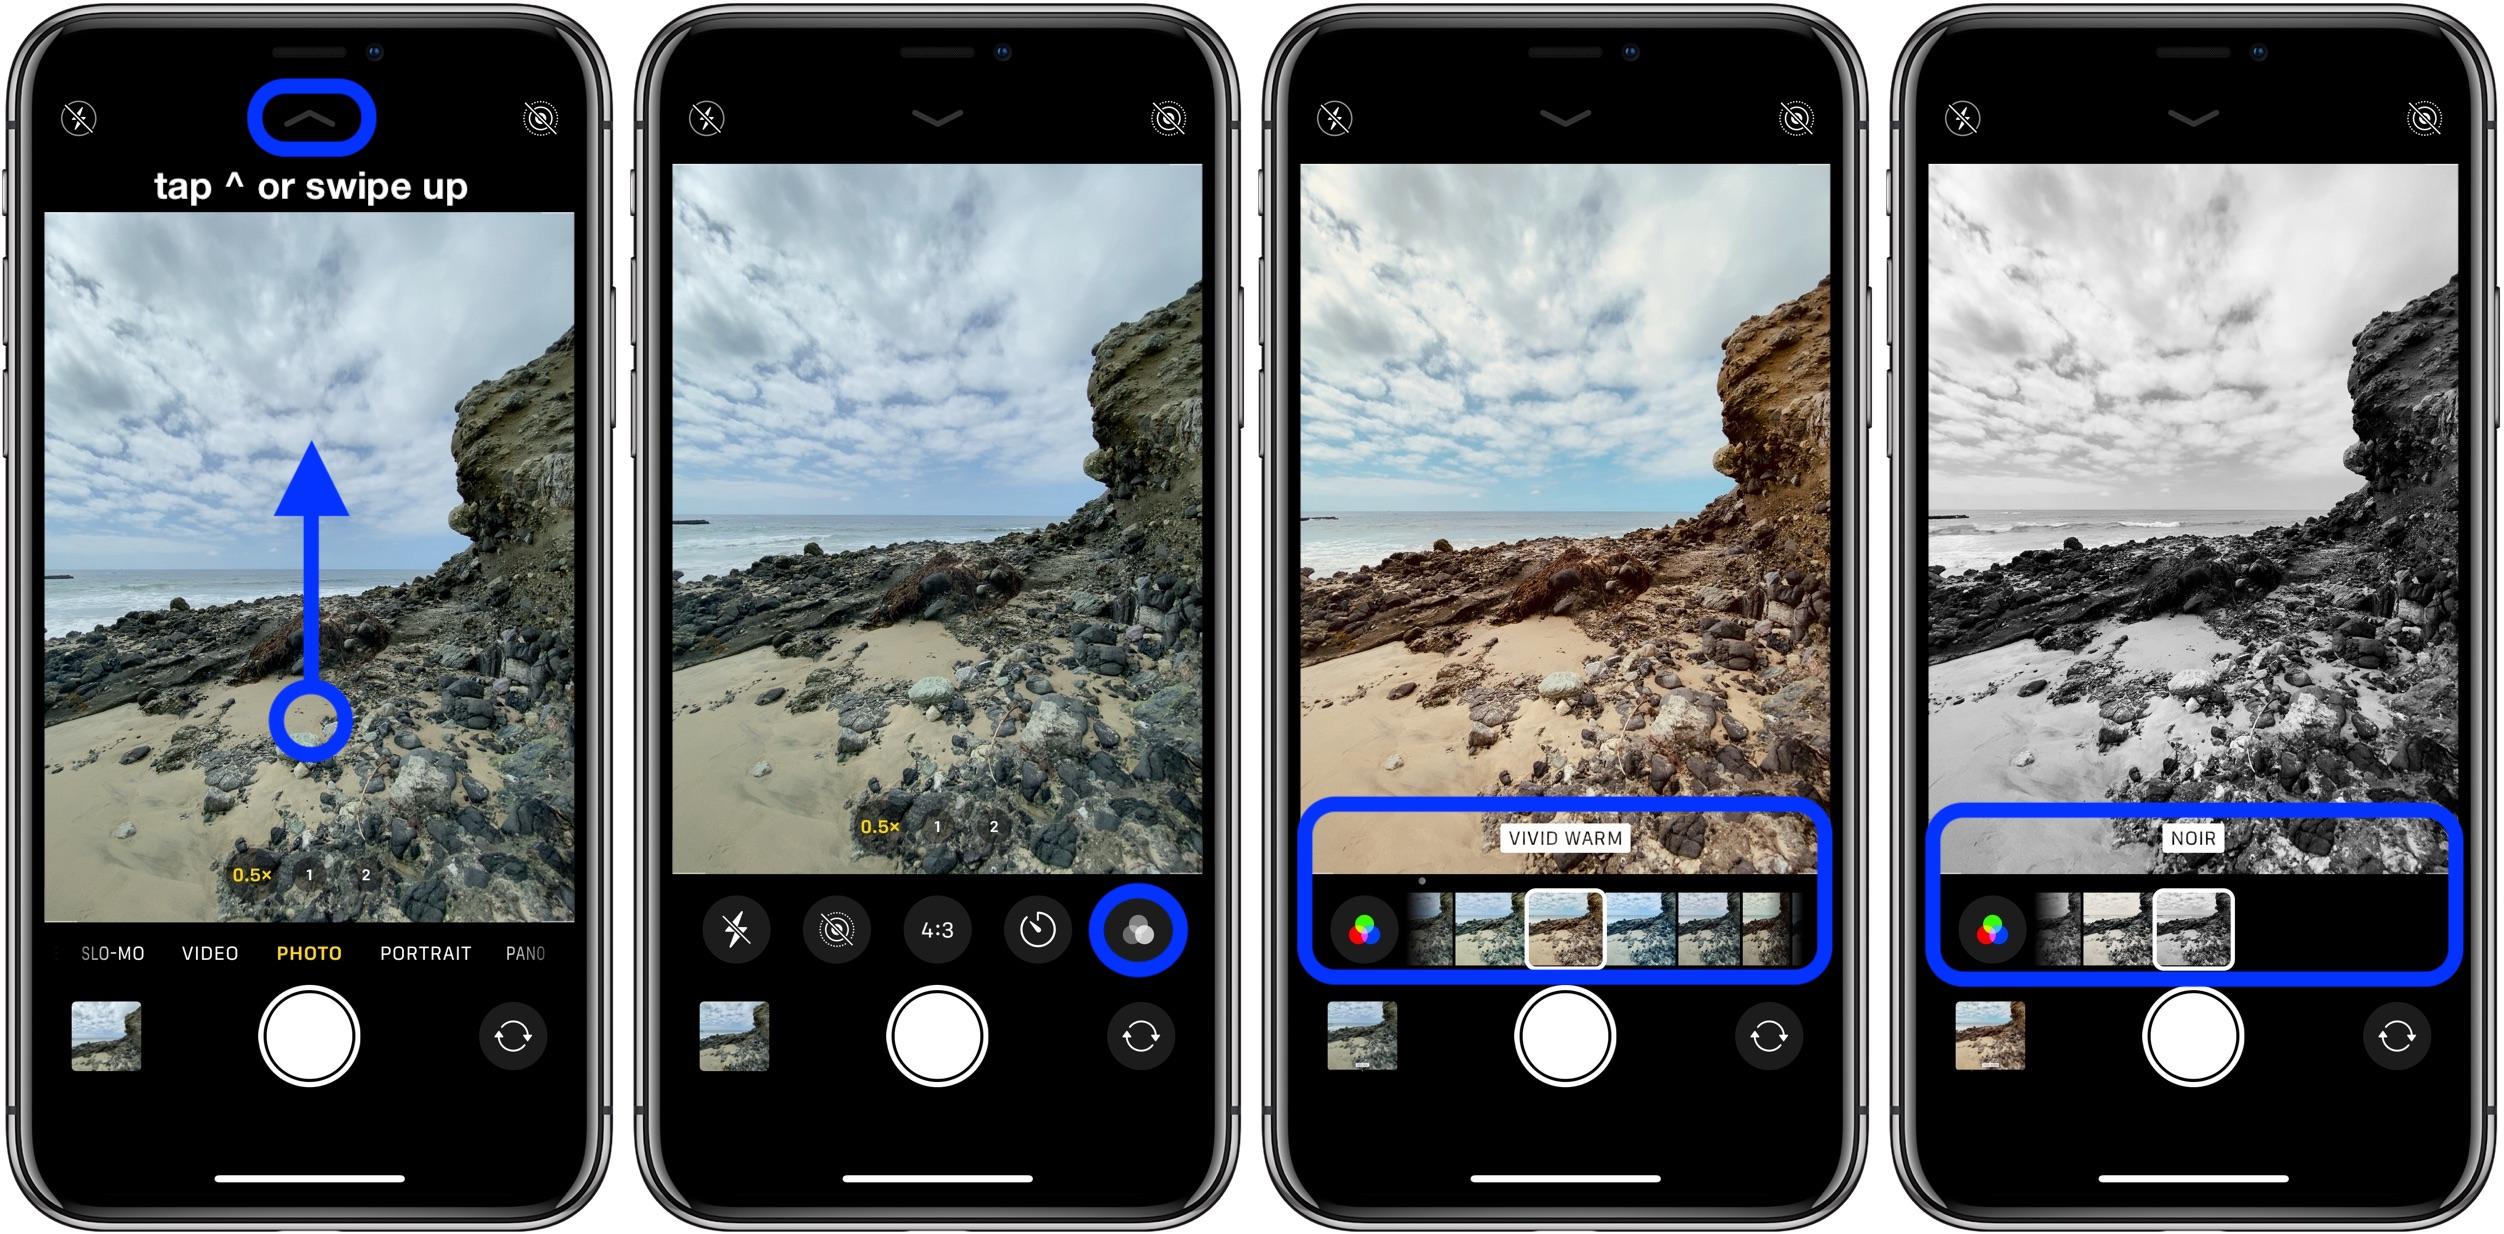 camera plus app tutorial